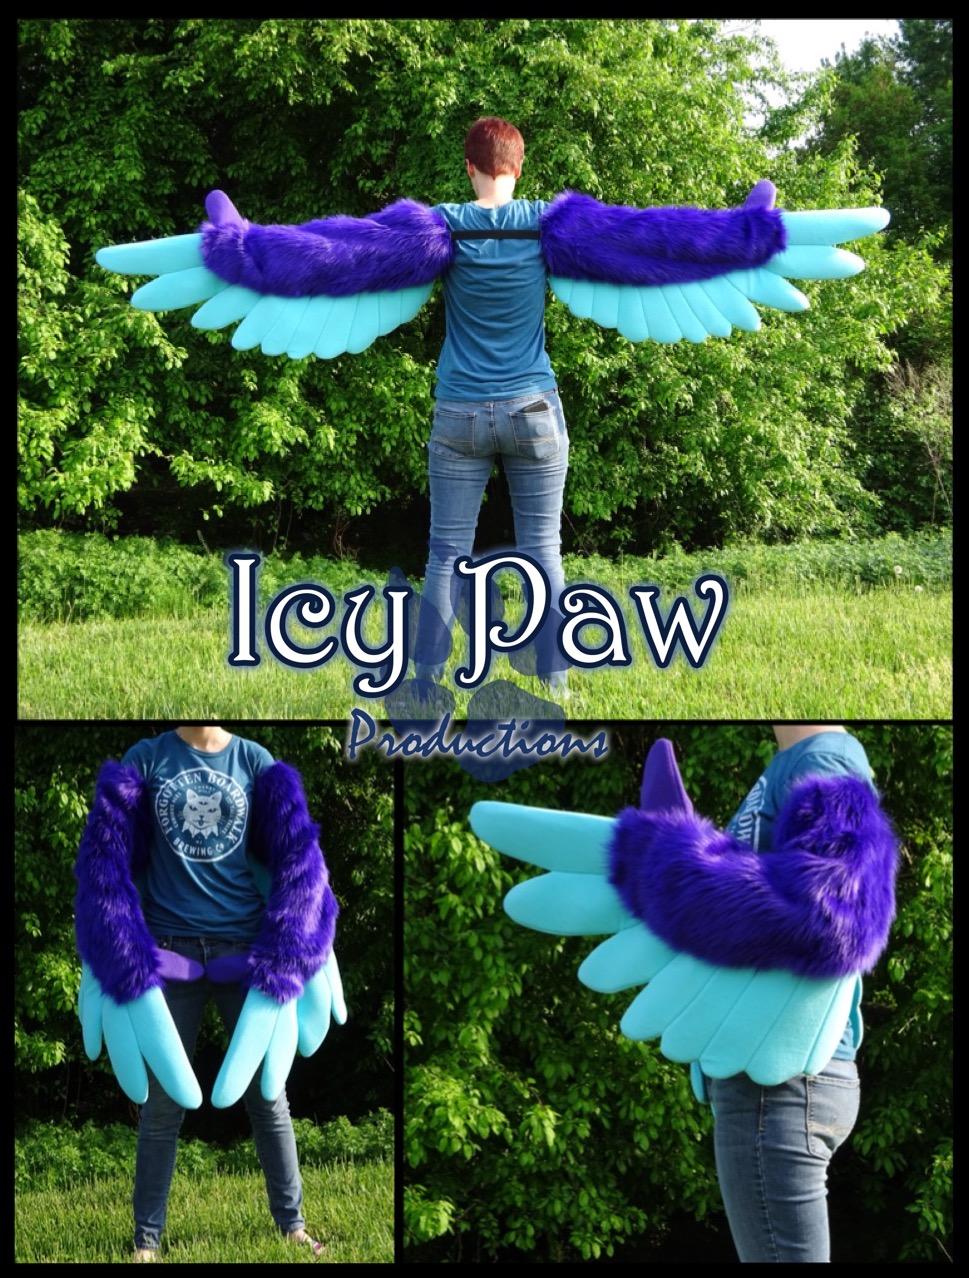 Purple/blue arm wings